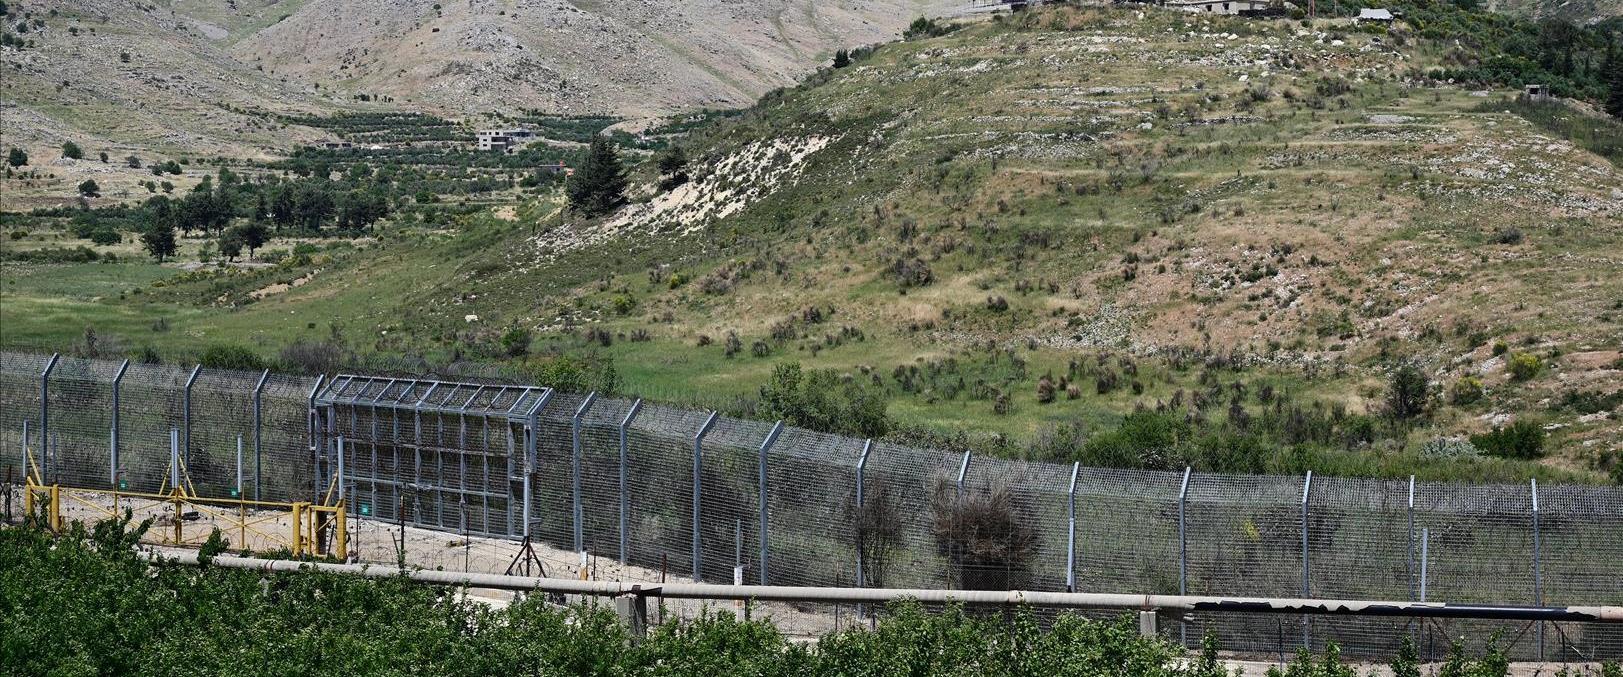 גבול סוריה ברמת הגולן, ארכיון